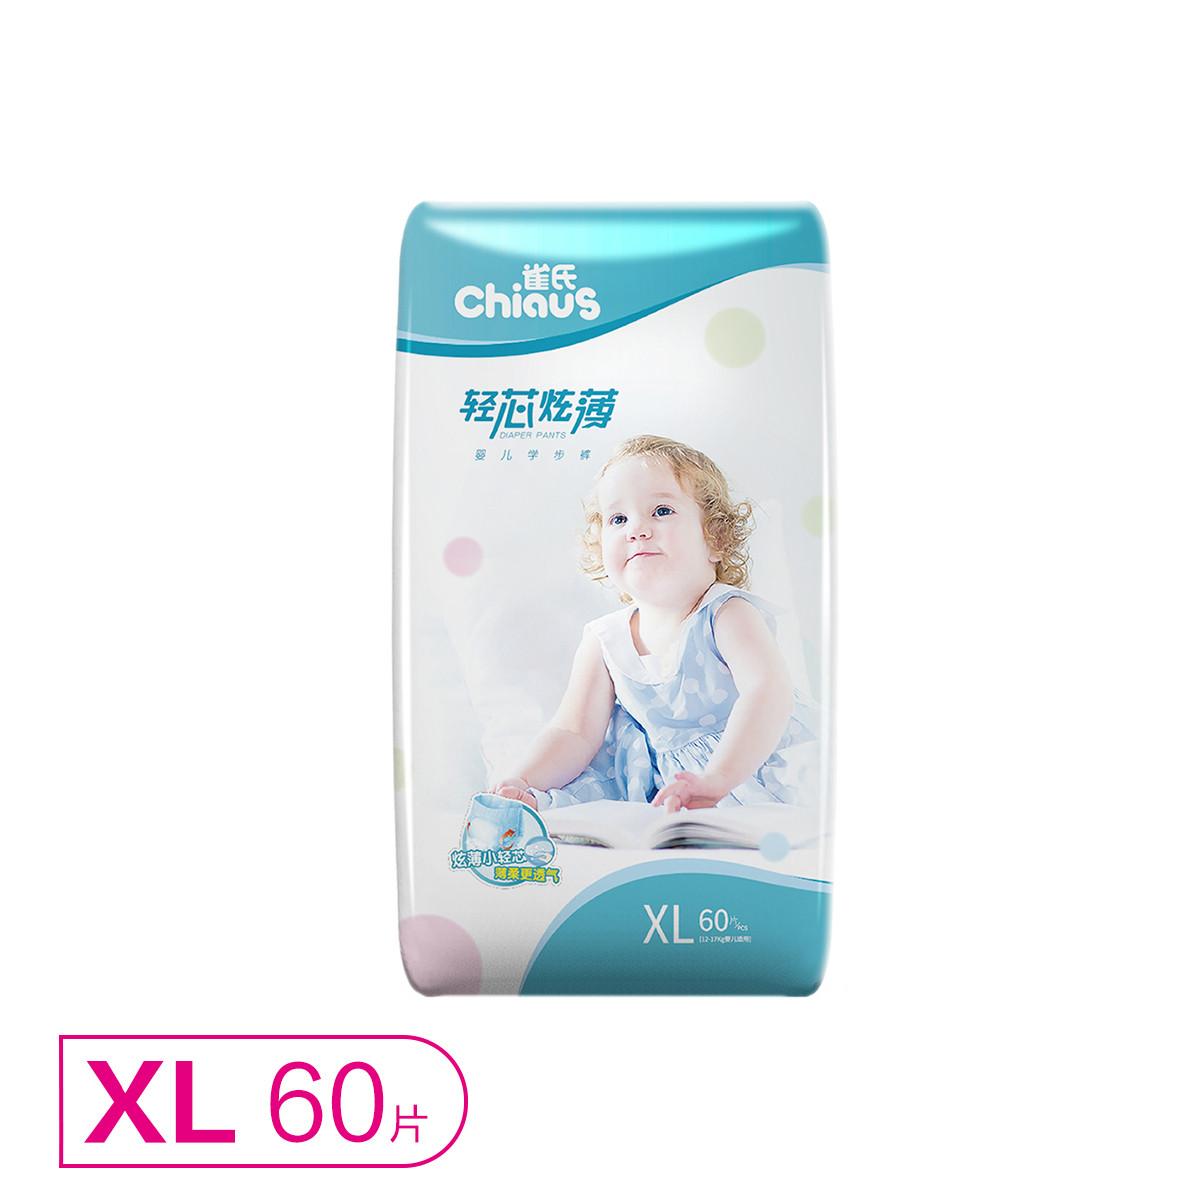 雀氏轻芯炫薄婴儿学步裤拉拉裤宝宝尿不湿XL60片(新旧随机)